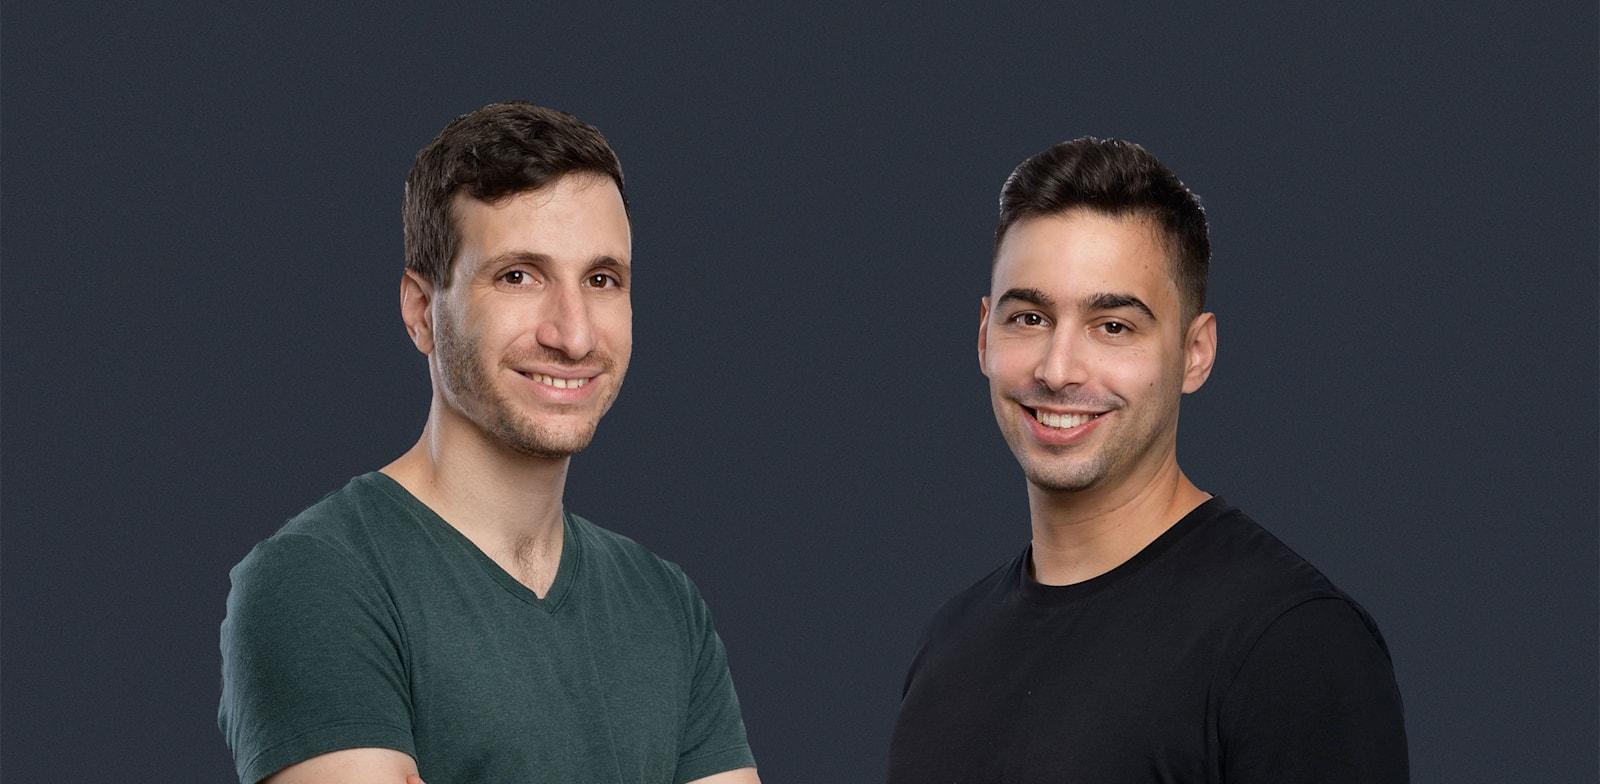 מייסדי ביוניק עידן ניניו ואייל ממו / צילום: יונתן בלום